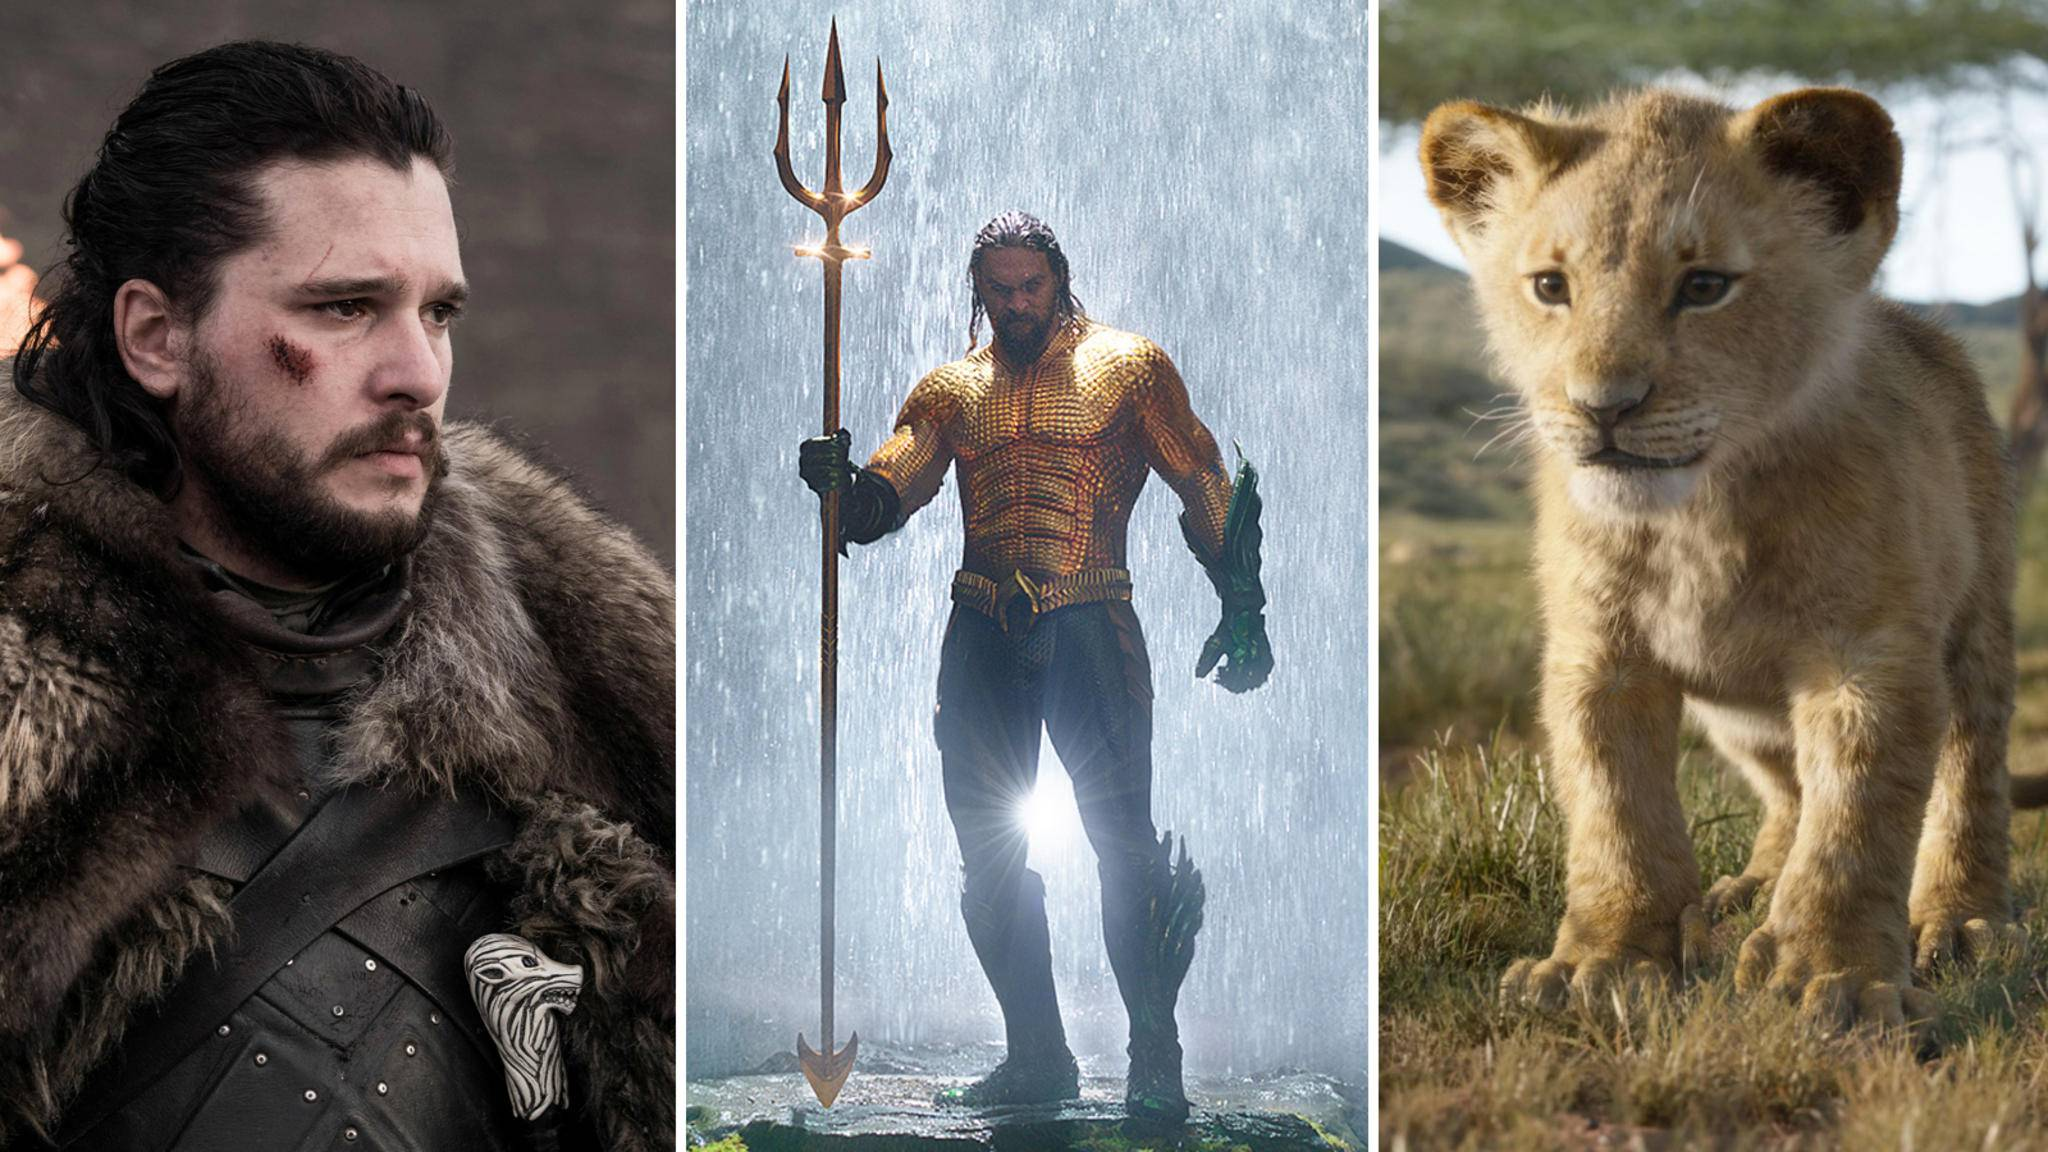 Das Jahr 2019 hält zahlreiche Highlights im Bereich Film, Heimkino und Serien bereit.